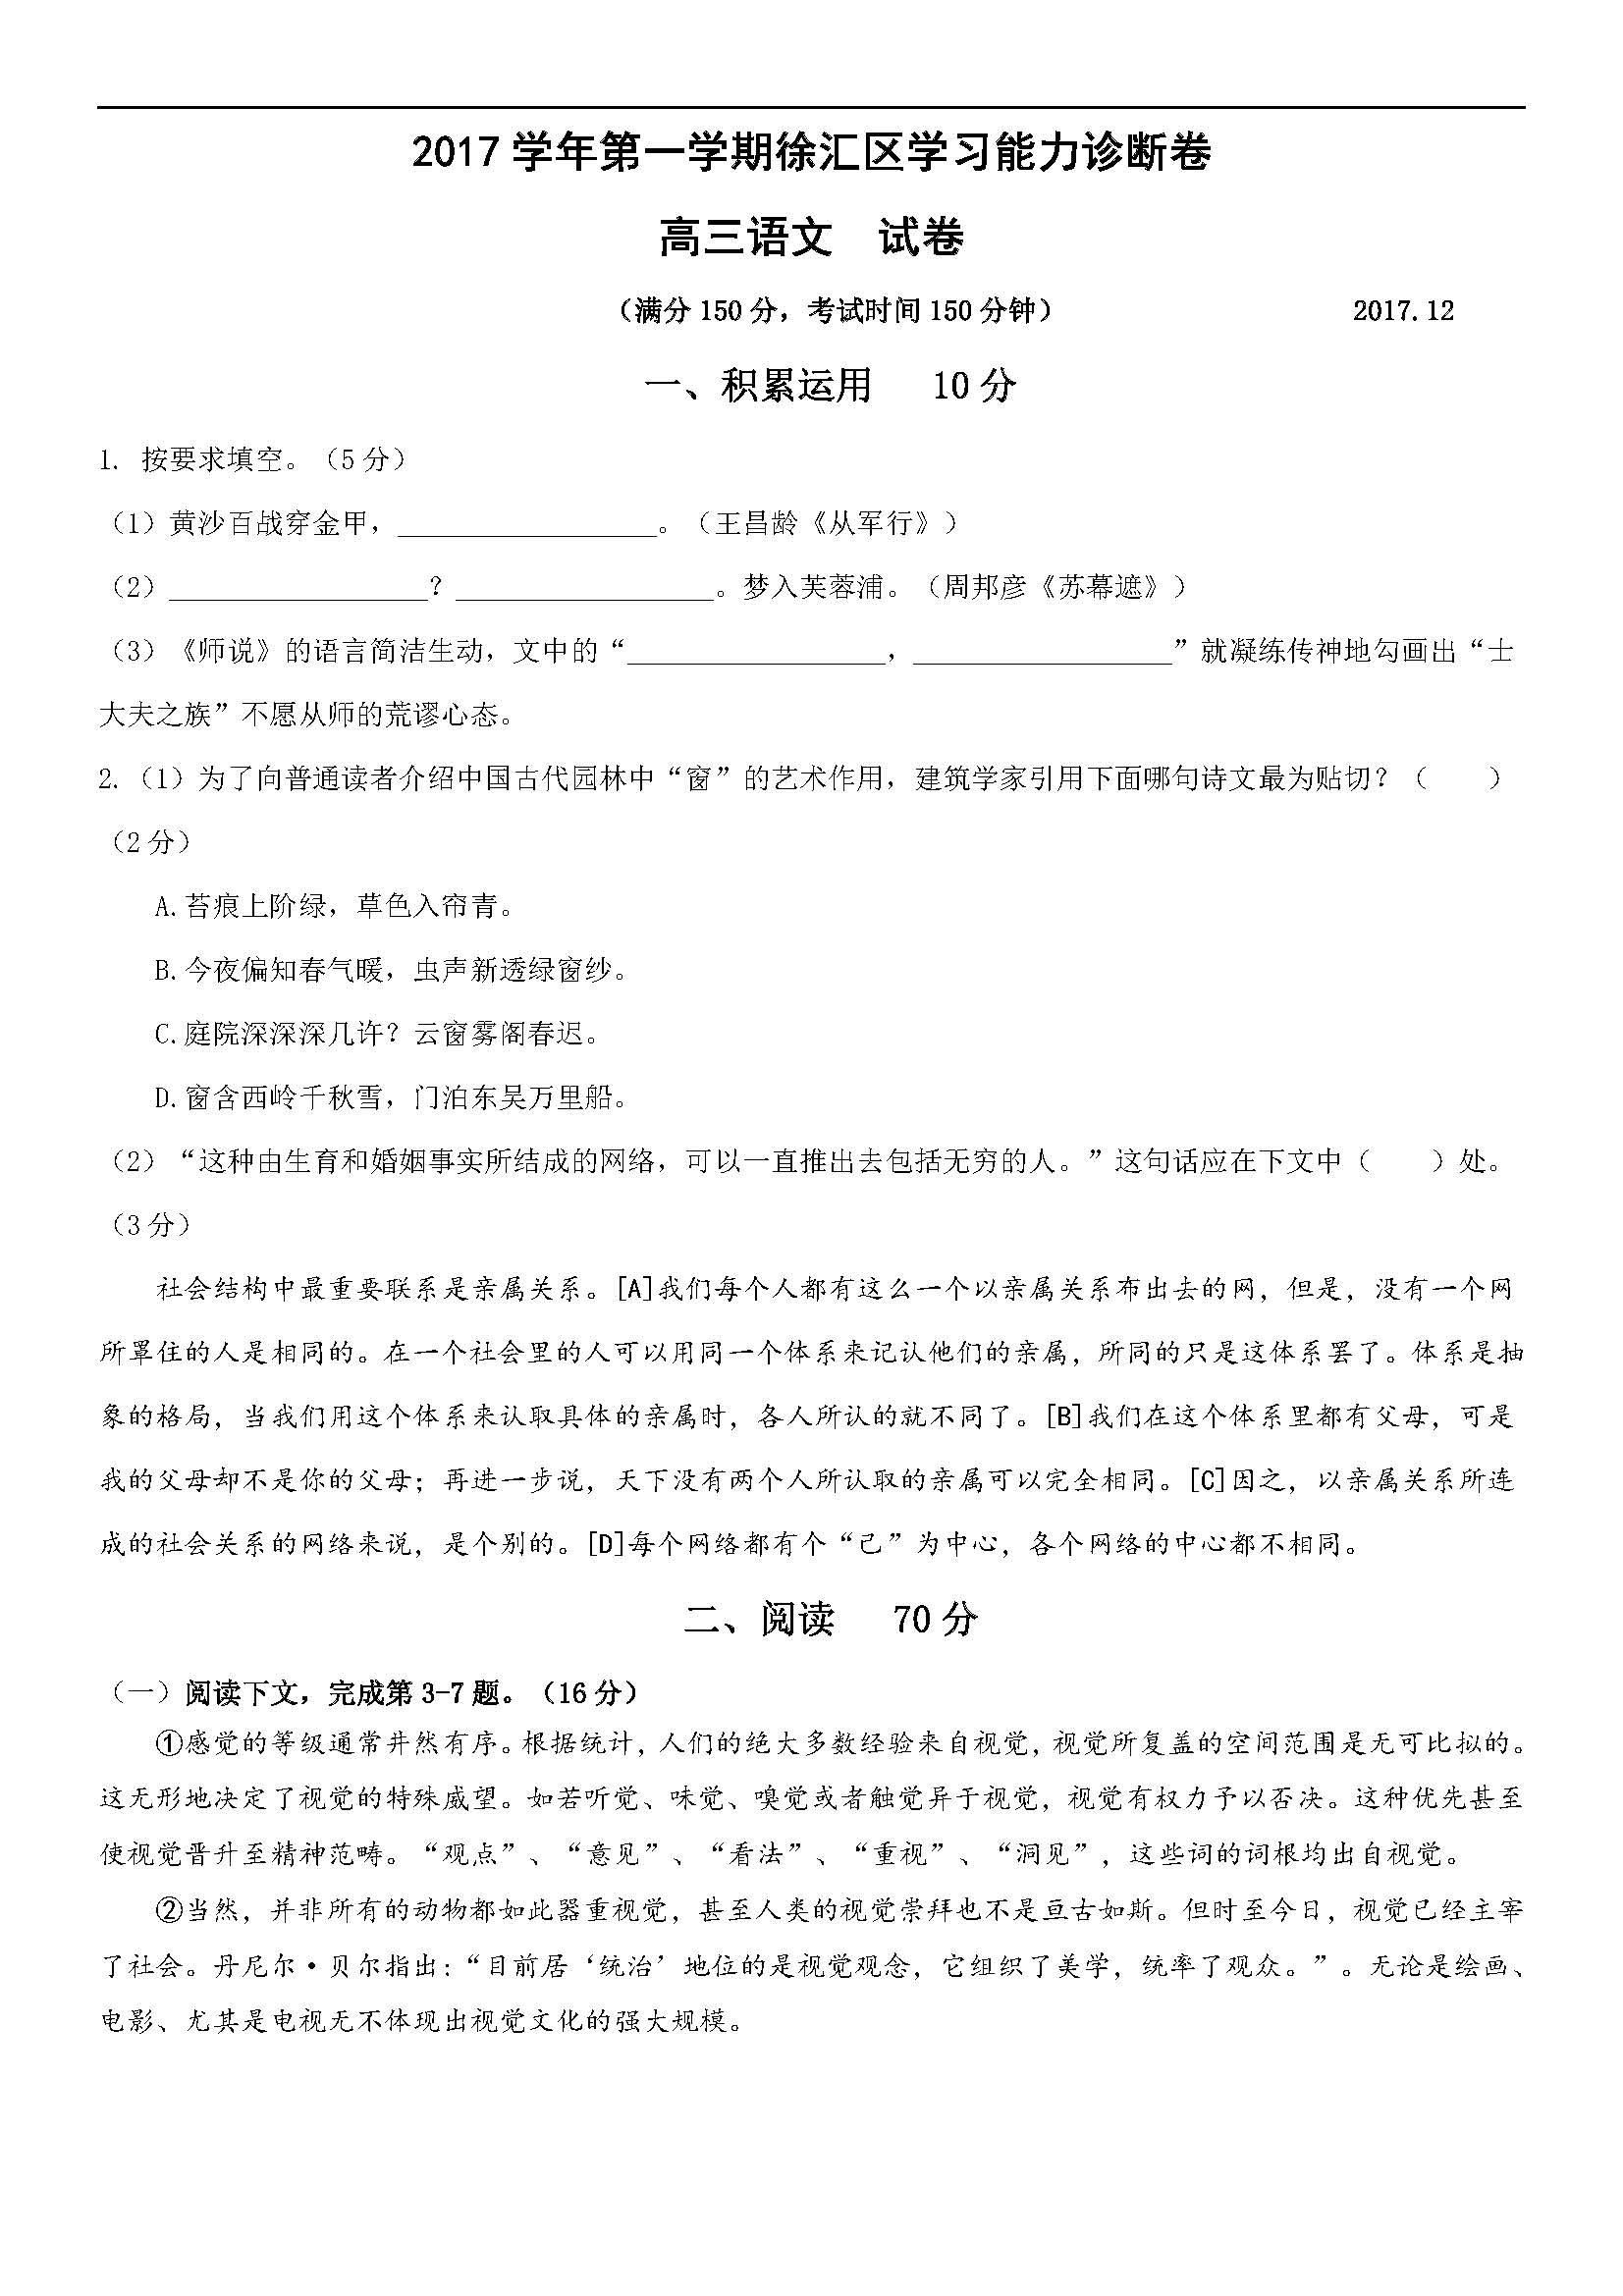 2018上海徐汇区高三一模语文试卷及答案